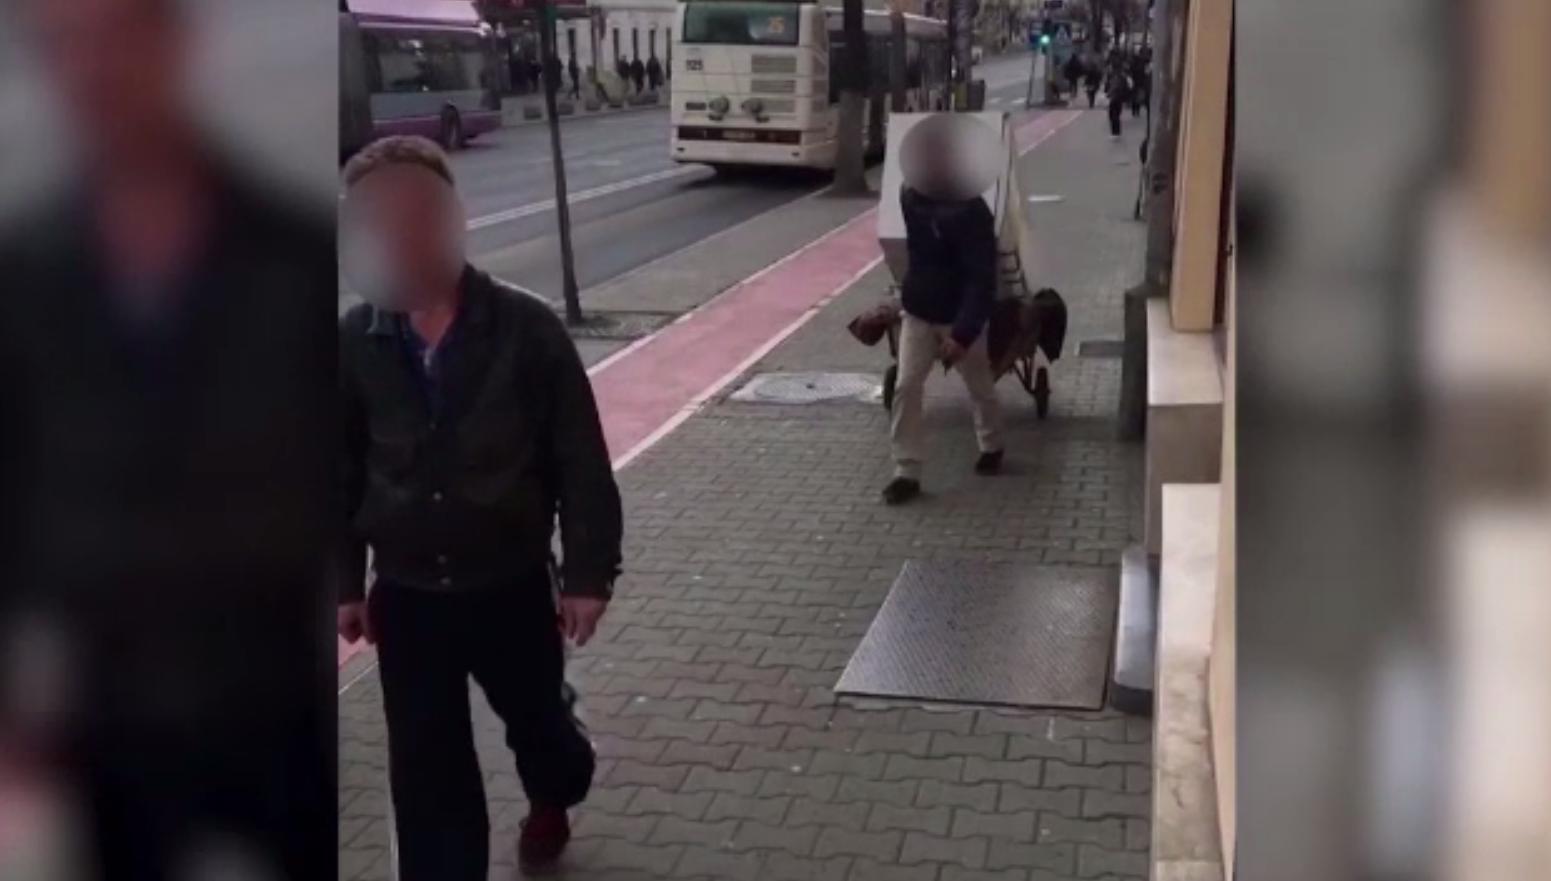 Metoda inedită prin care doi hoți din Cluj au încercat să-și ceară iertare după ce au fost prinși